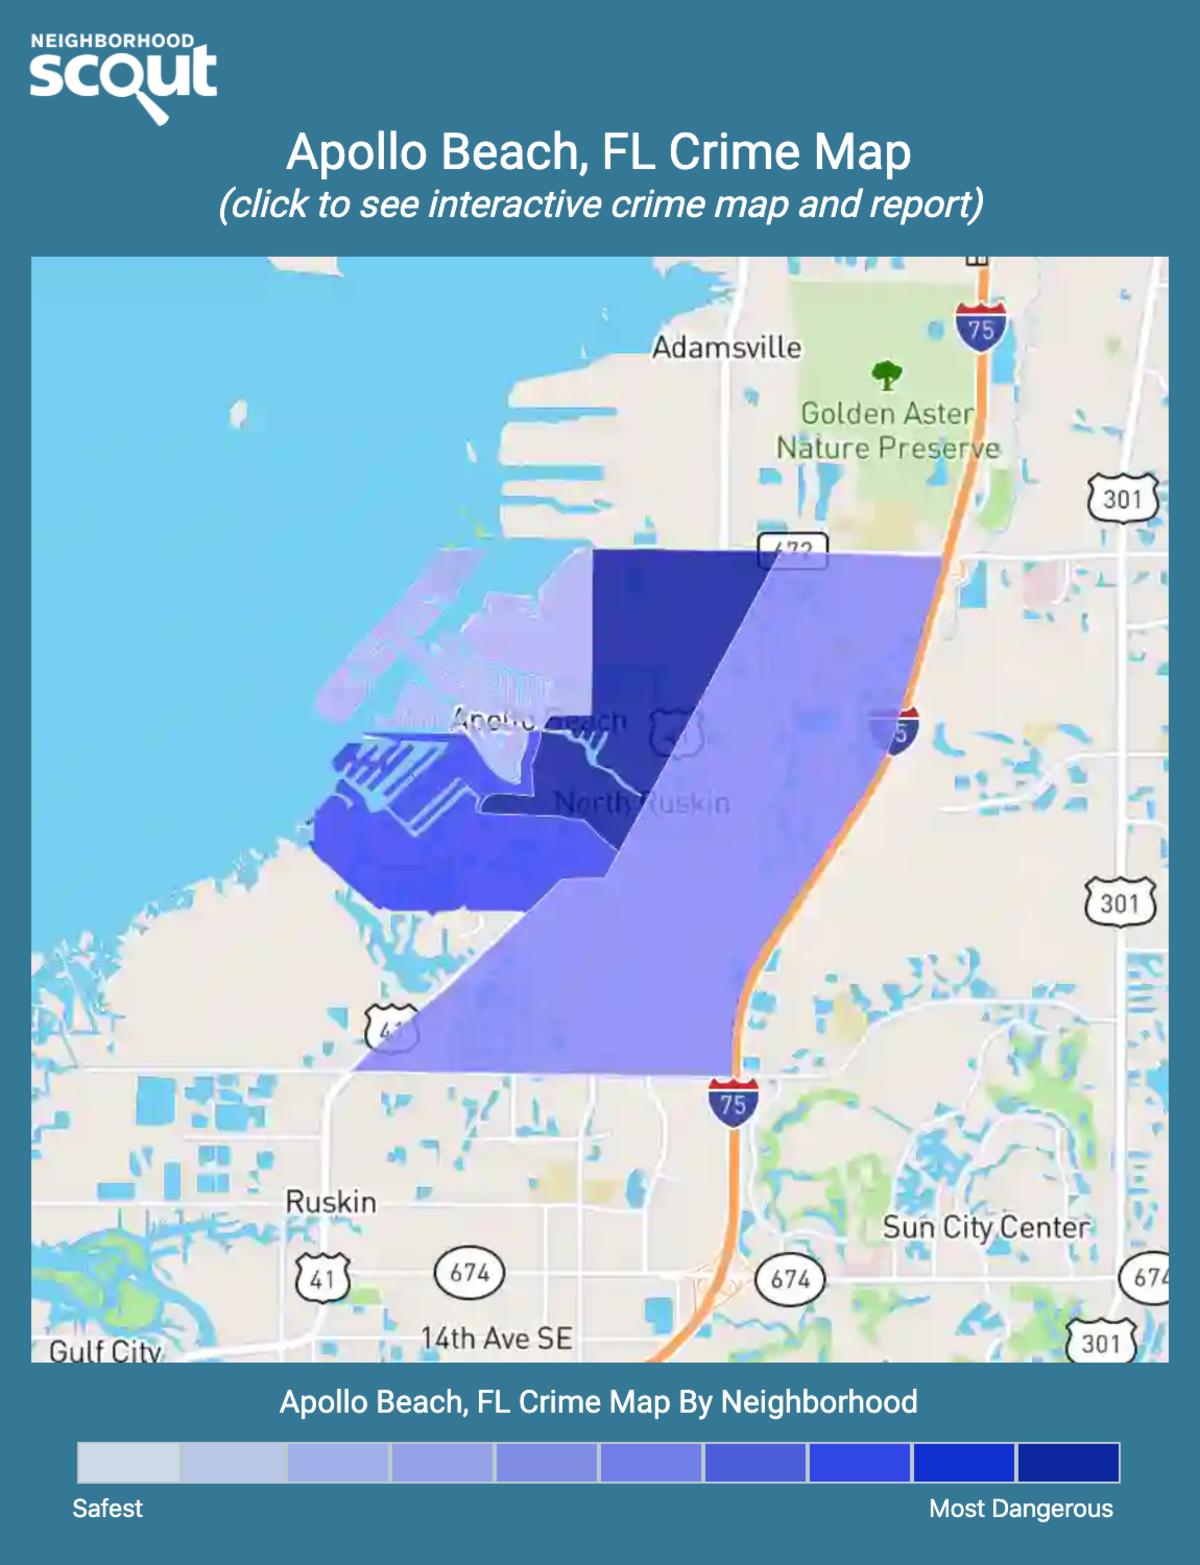 Apollo Beach, Florida crime map